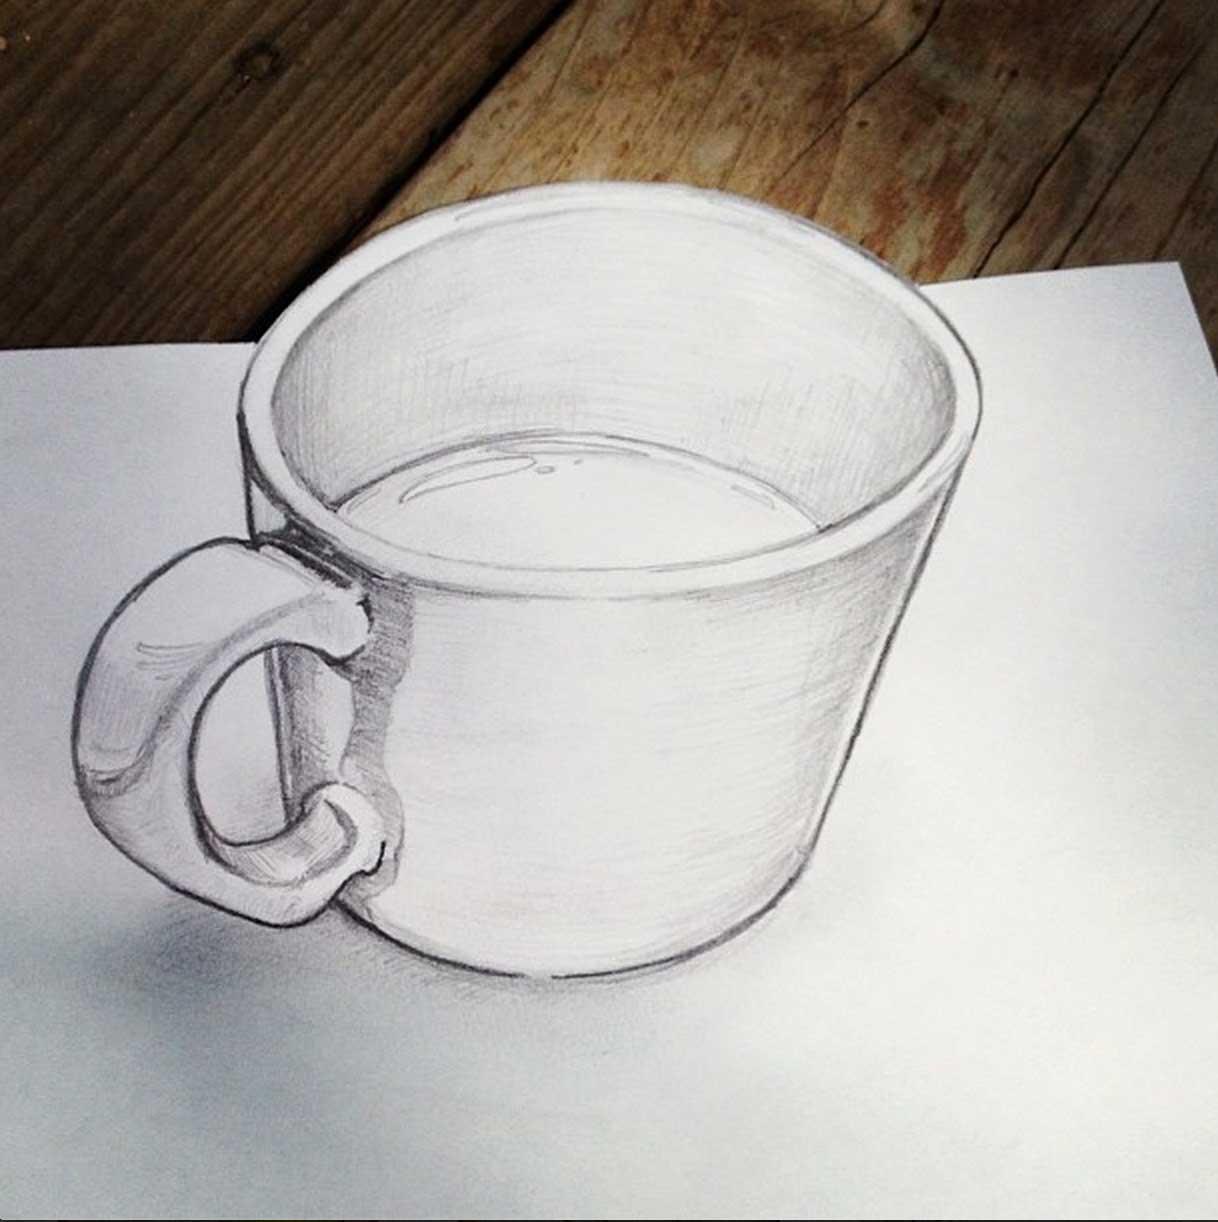 anamorphic drawing fun